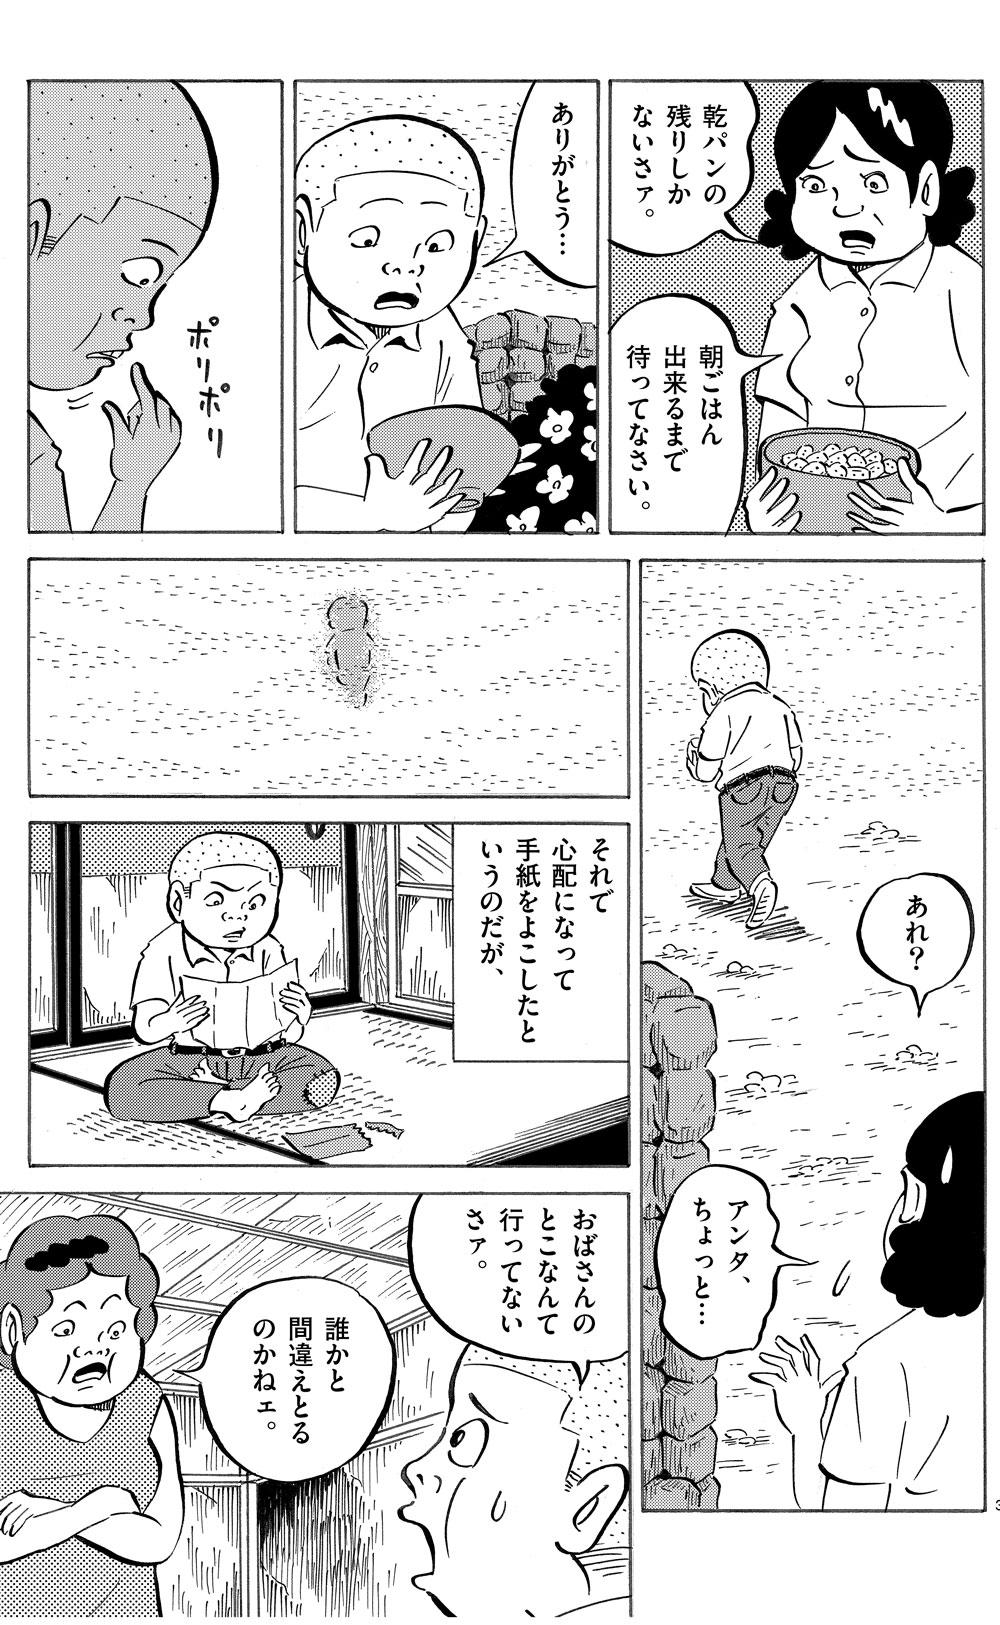 琉球怪談 【第3話】WEB掲載3ページ目画像